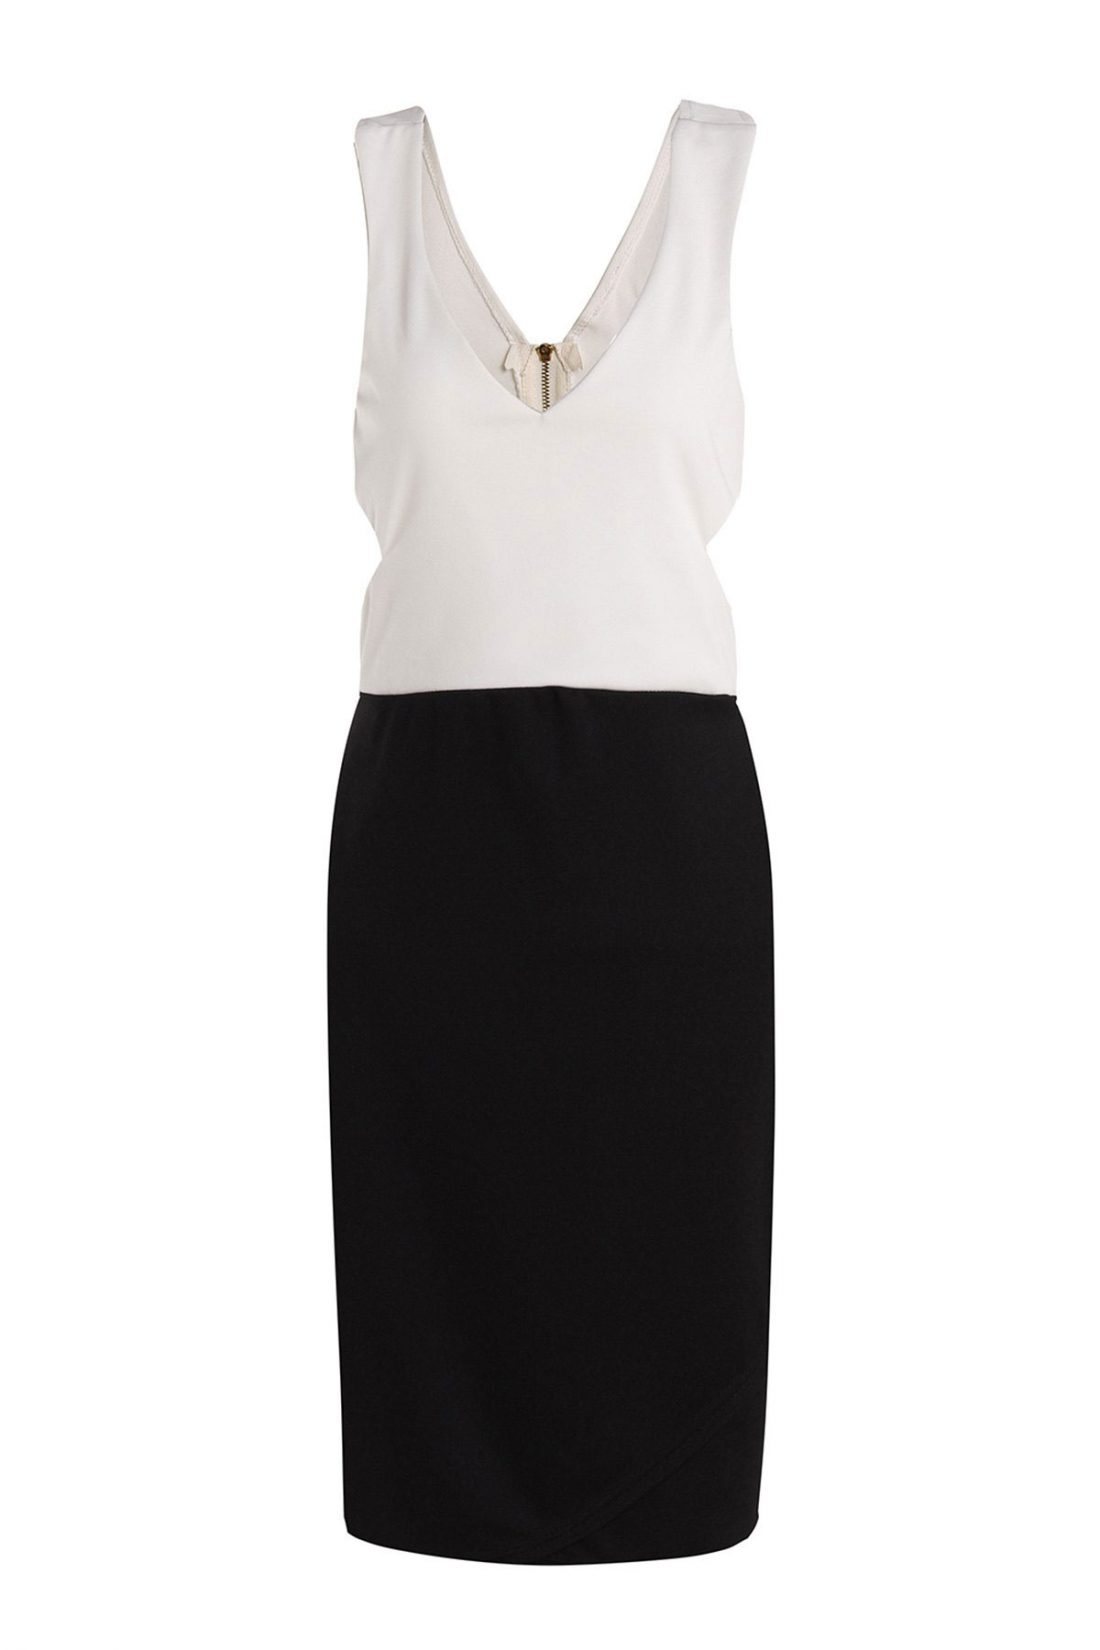 M0157 blackwhite1 Office Evening Dresses maureens.com boutique